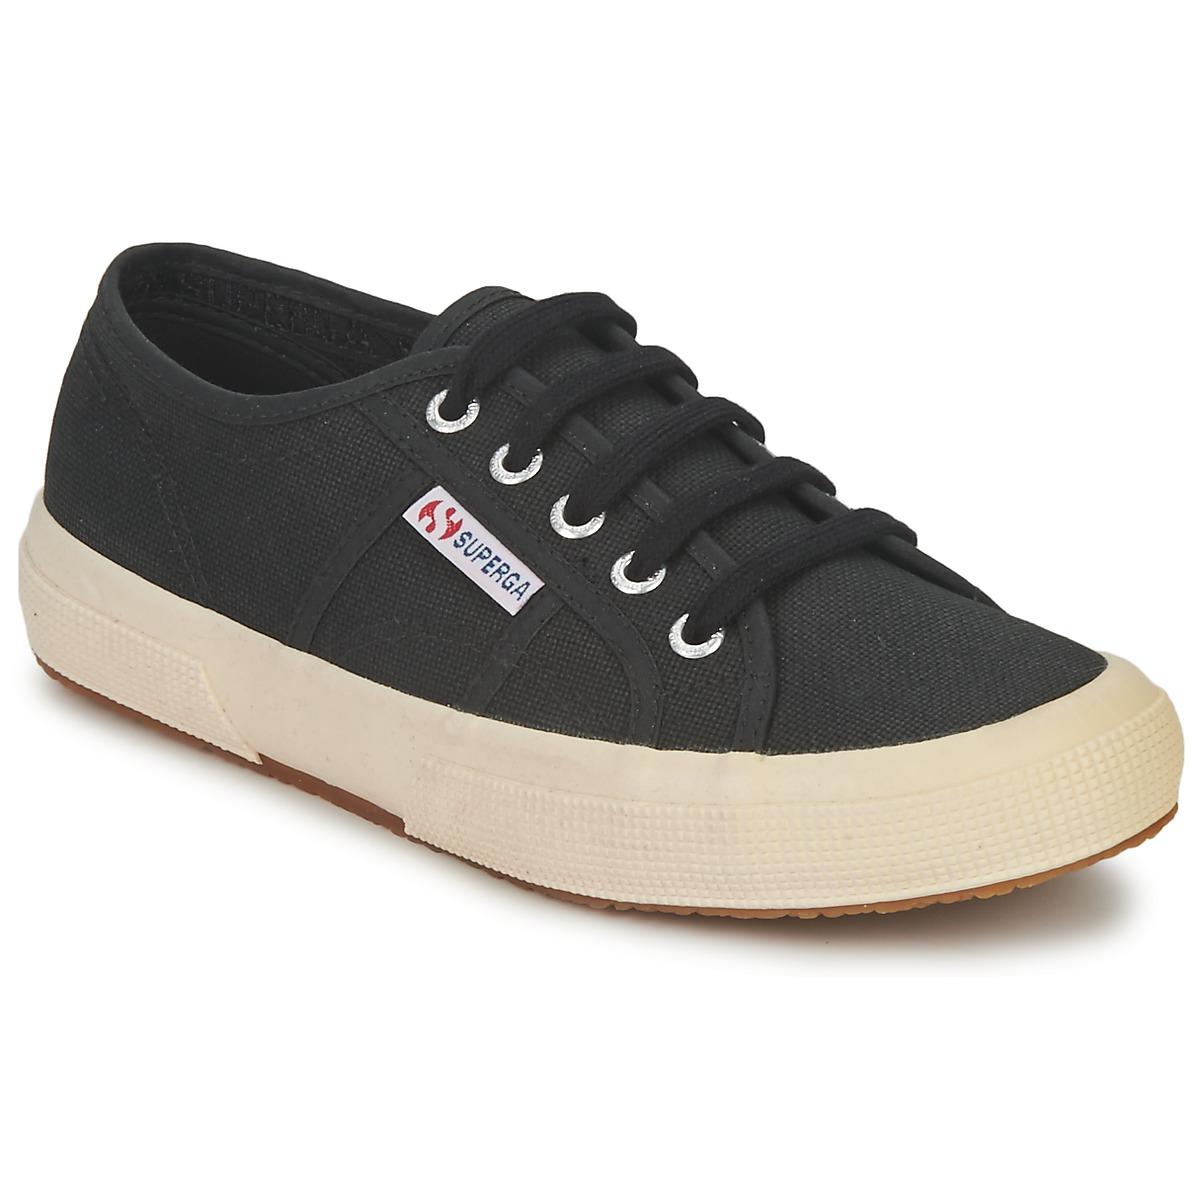 Superga 2750 CLASSIC Schwarz - Kostenloser Versand bei Spartoode ! - Schuhe Sneaker Low  47,99 €